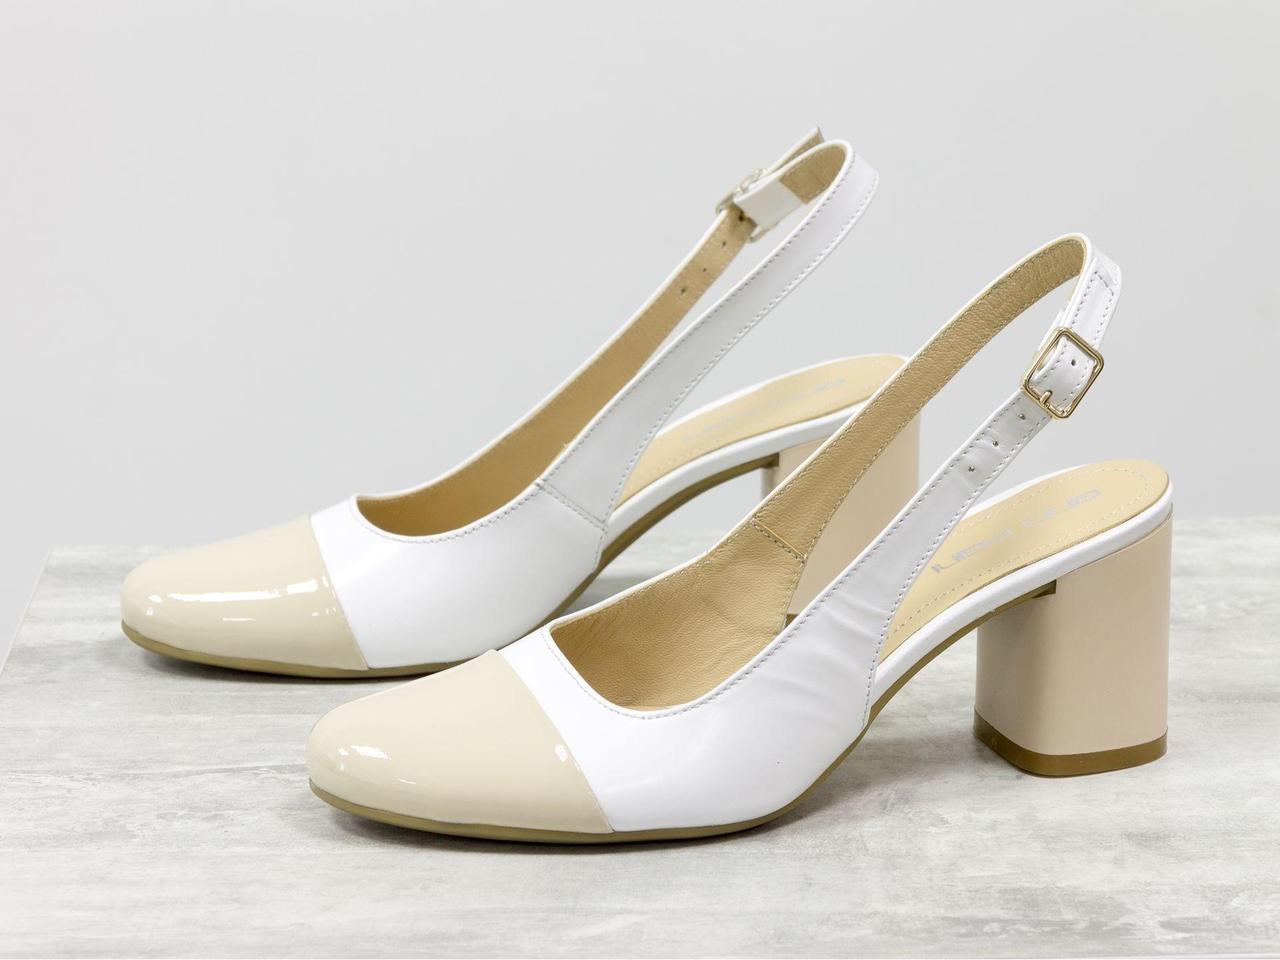 Женские туфли с открытой пяткой из натуральной итальянской белой кожи и лаковой кожи светло-бежевого цвета на устойчивом невысоком глянцевом каблуке